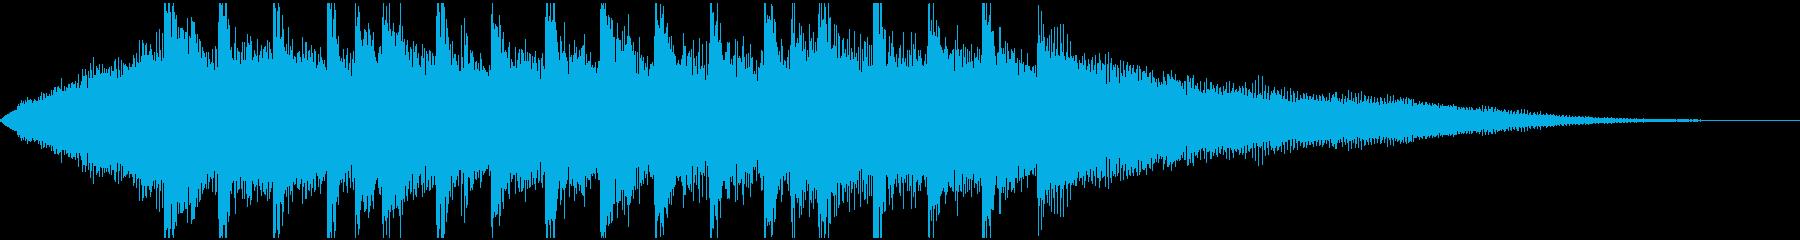 15秒B企業VP,コーポレート,元気の再生済みの波形